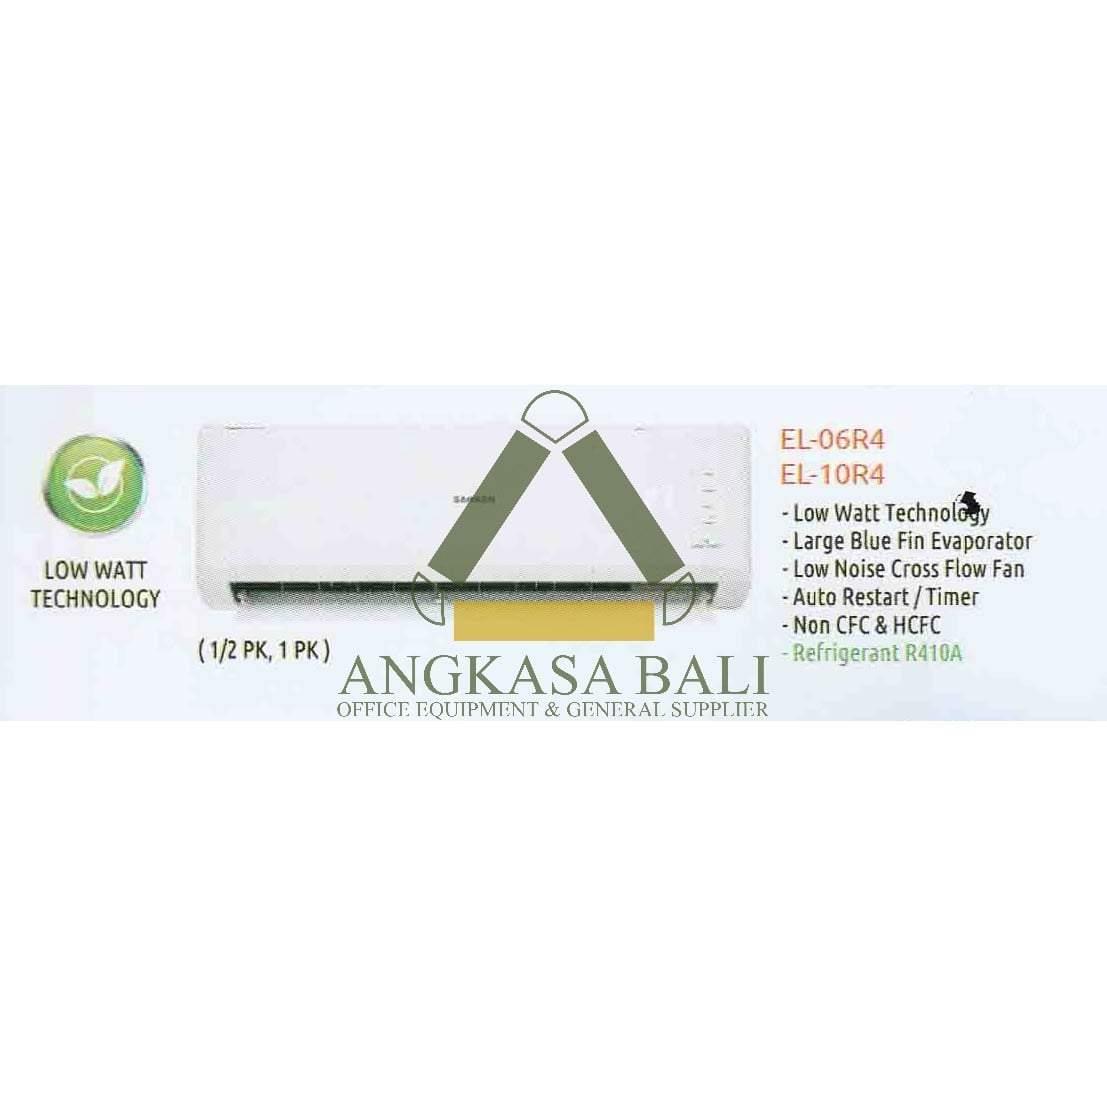 Ac 1 2 Pk El 06r4 Sanken Di Bali Angkasa Low Jual Denpasar Distributor Peralatan Kantor Furniture